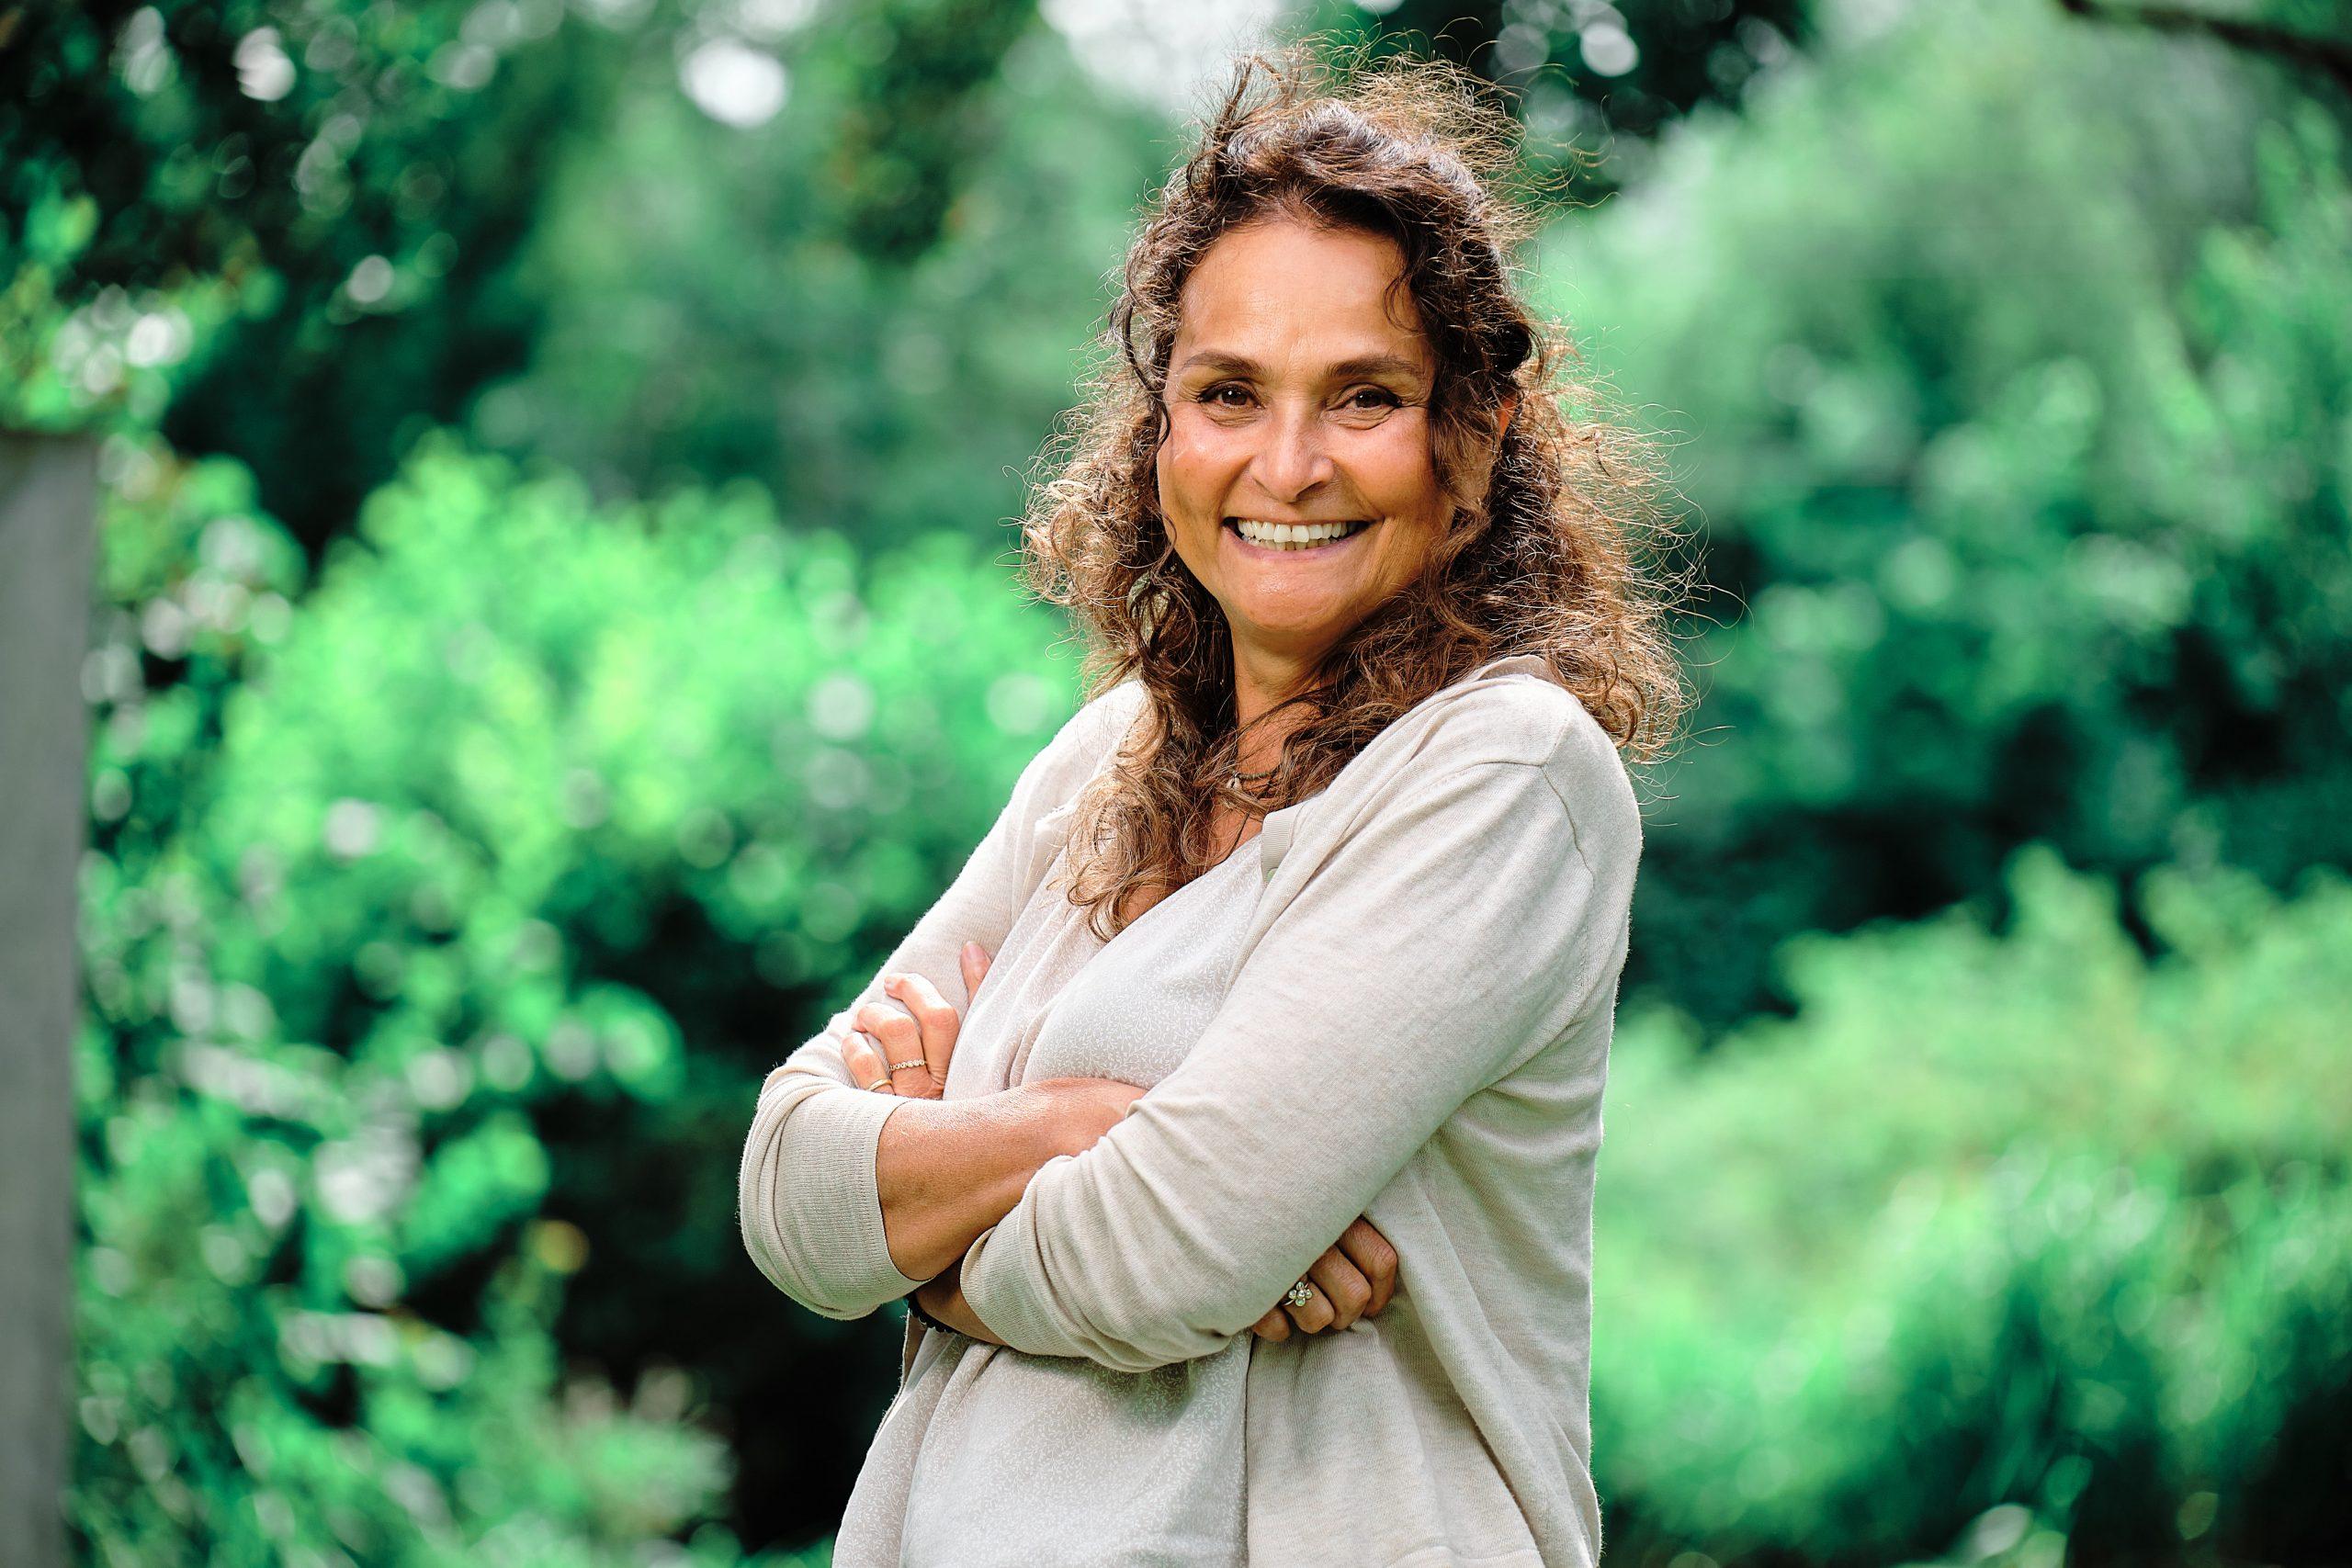 Marlou Hilverdink